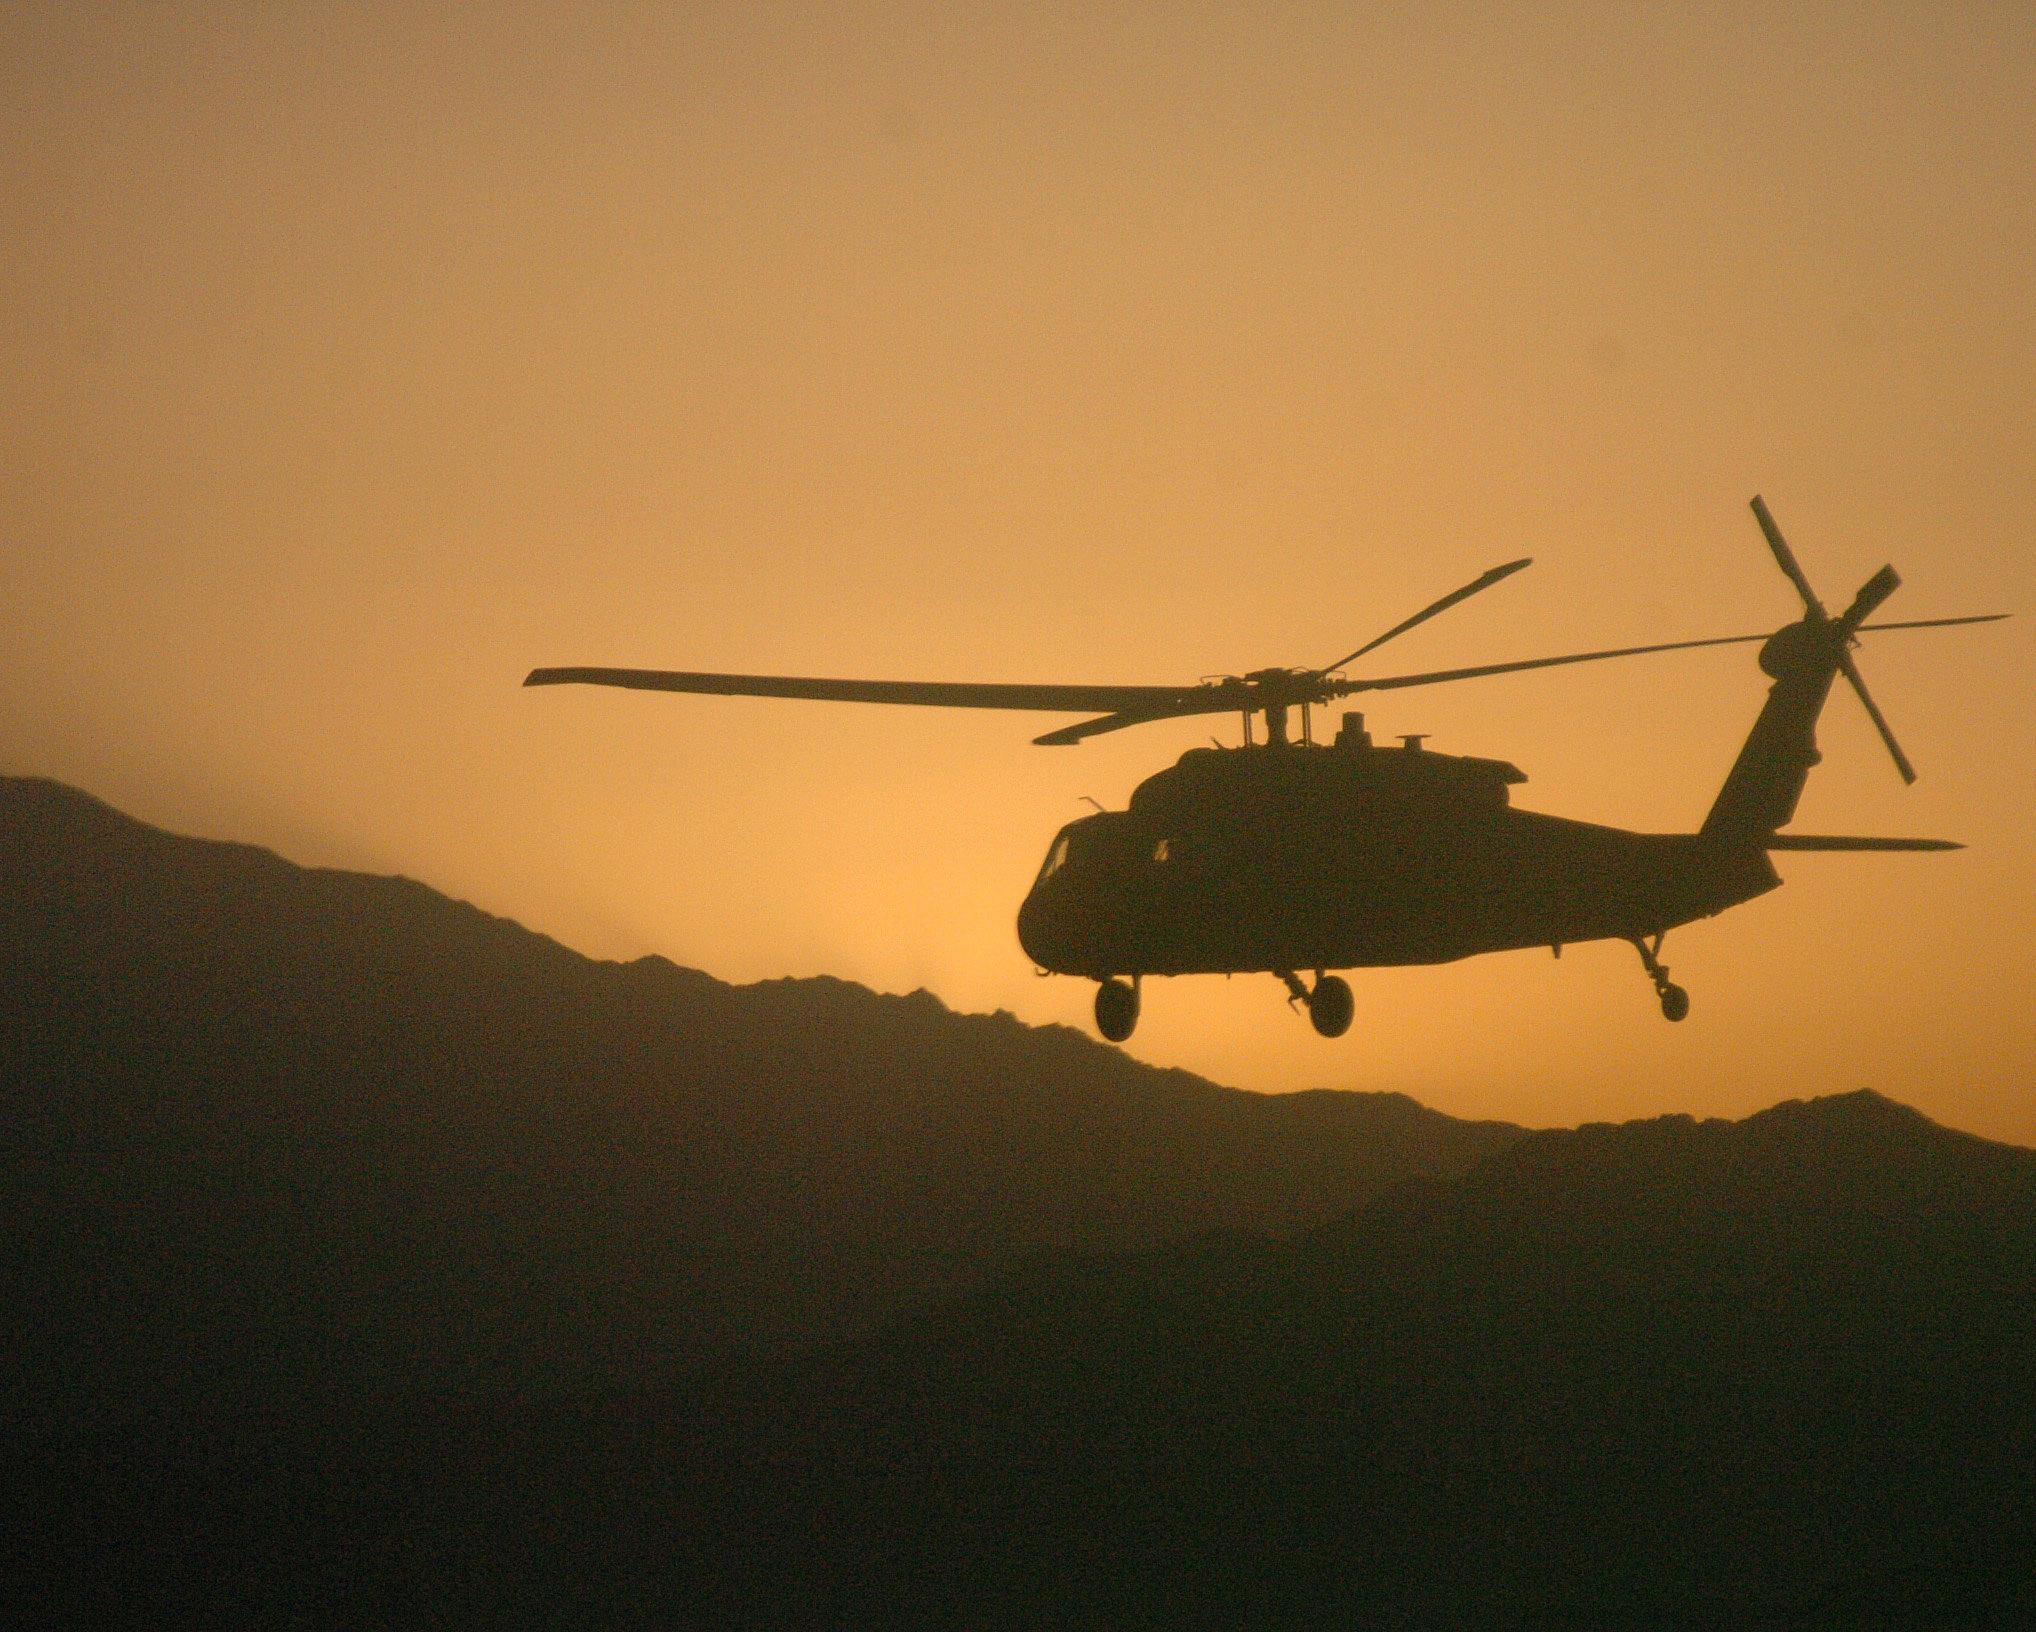 каждый картинка афганский вертолет утонченный